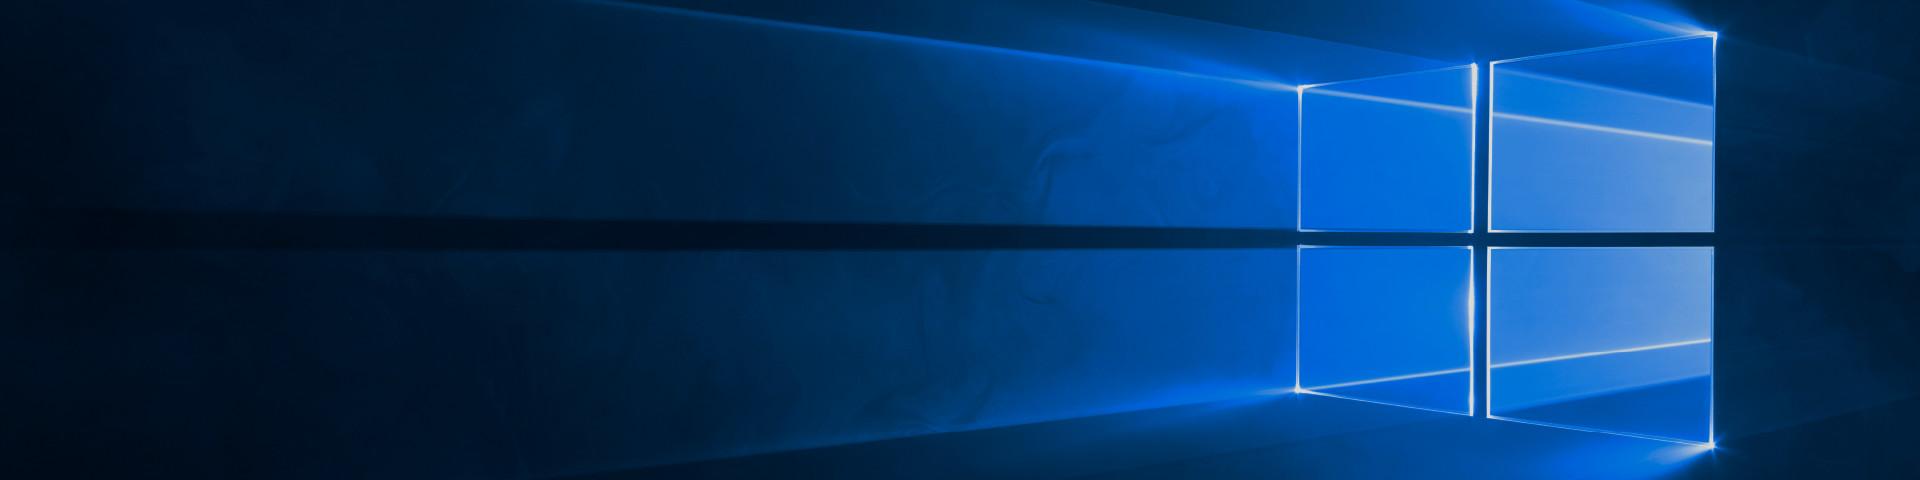 De la lumière illuminant une fenêtre, acheter et télécharger Windows10